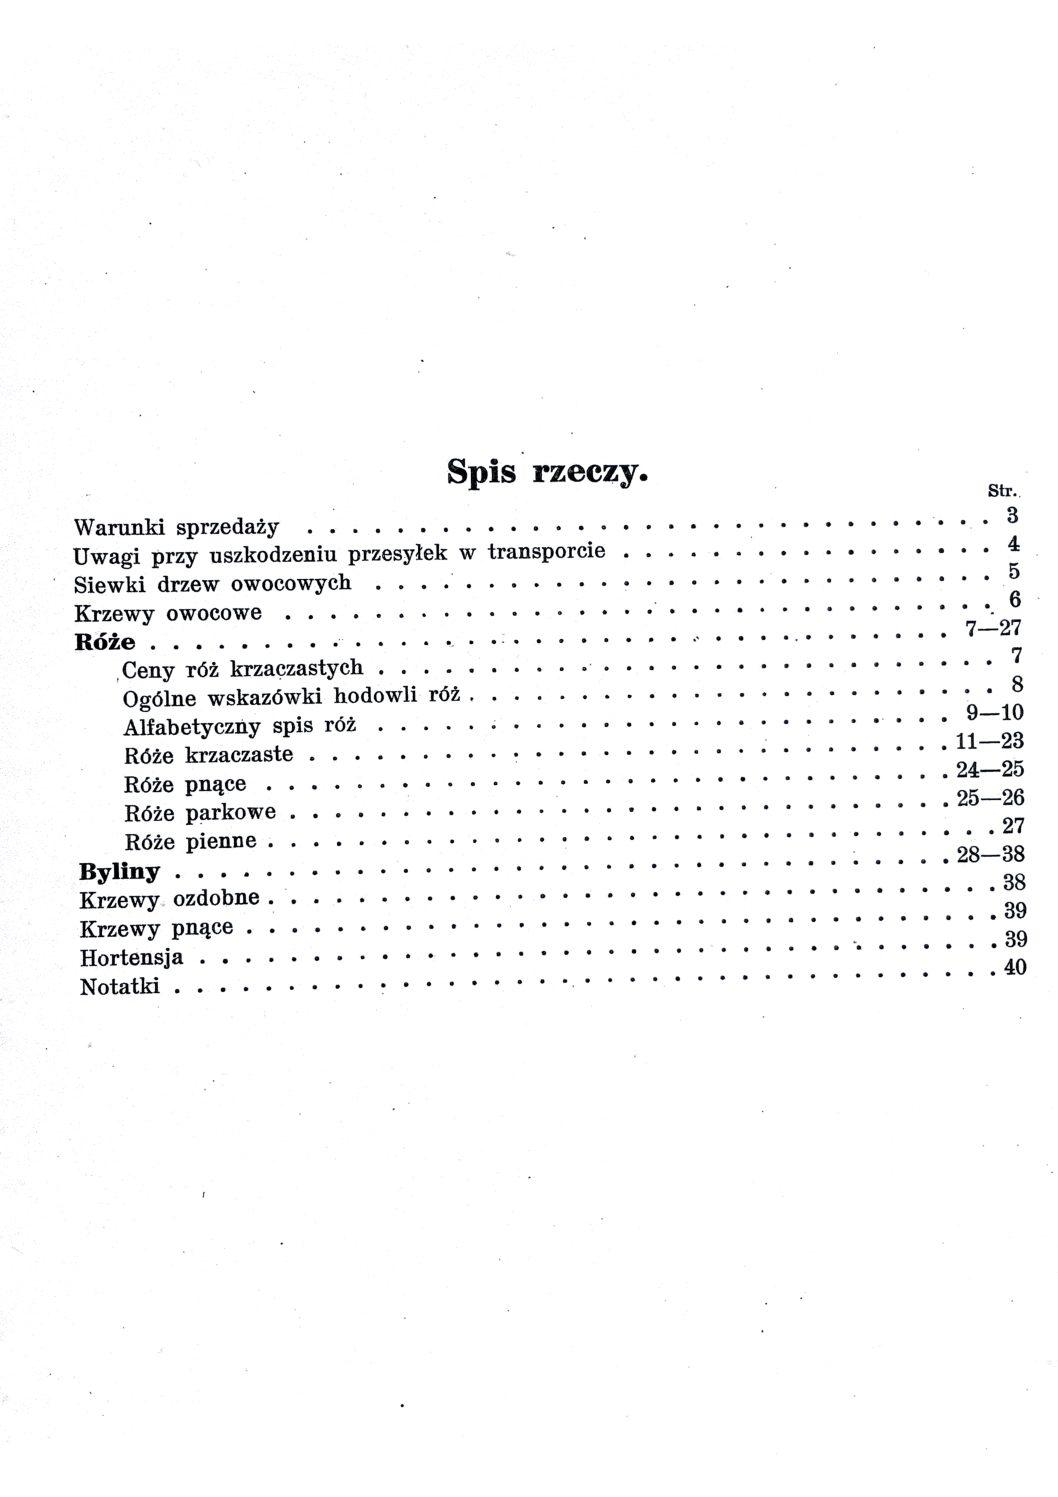 Cennik szkółek ogrodniczych Stanisława Dzieduszyckiego 4